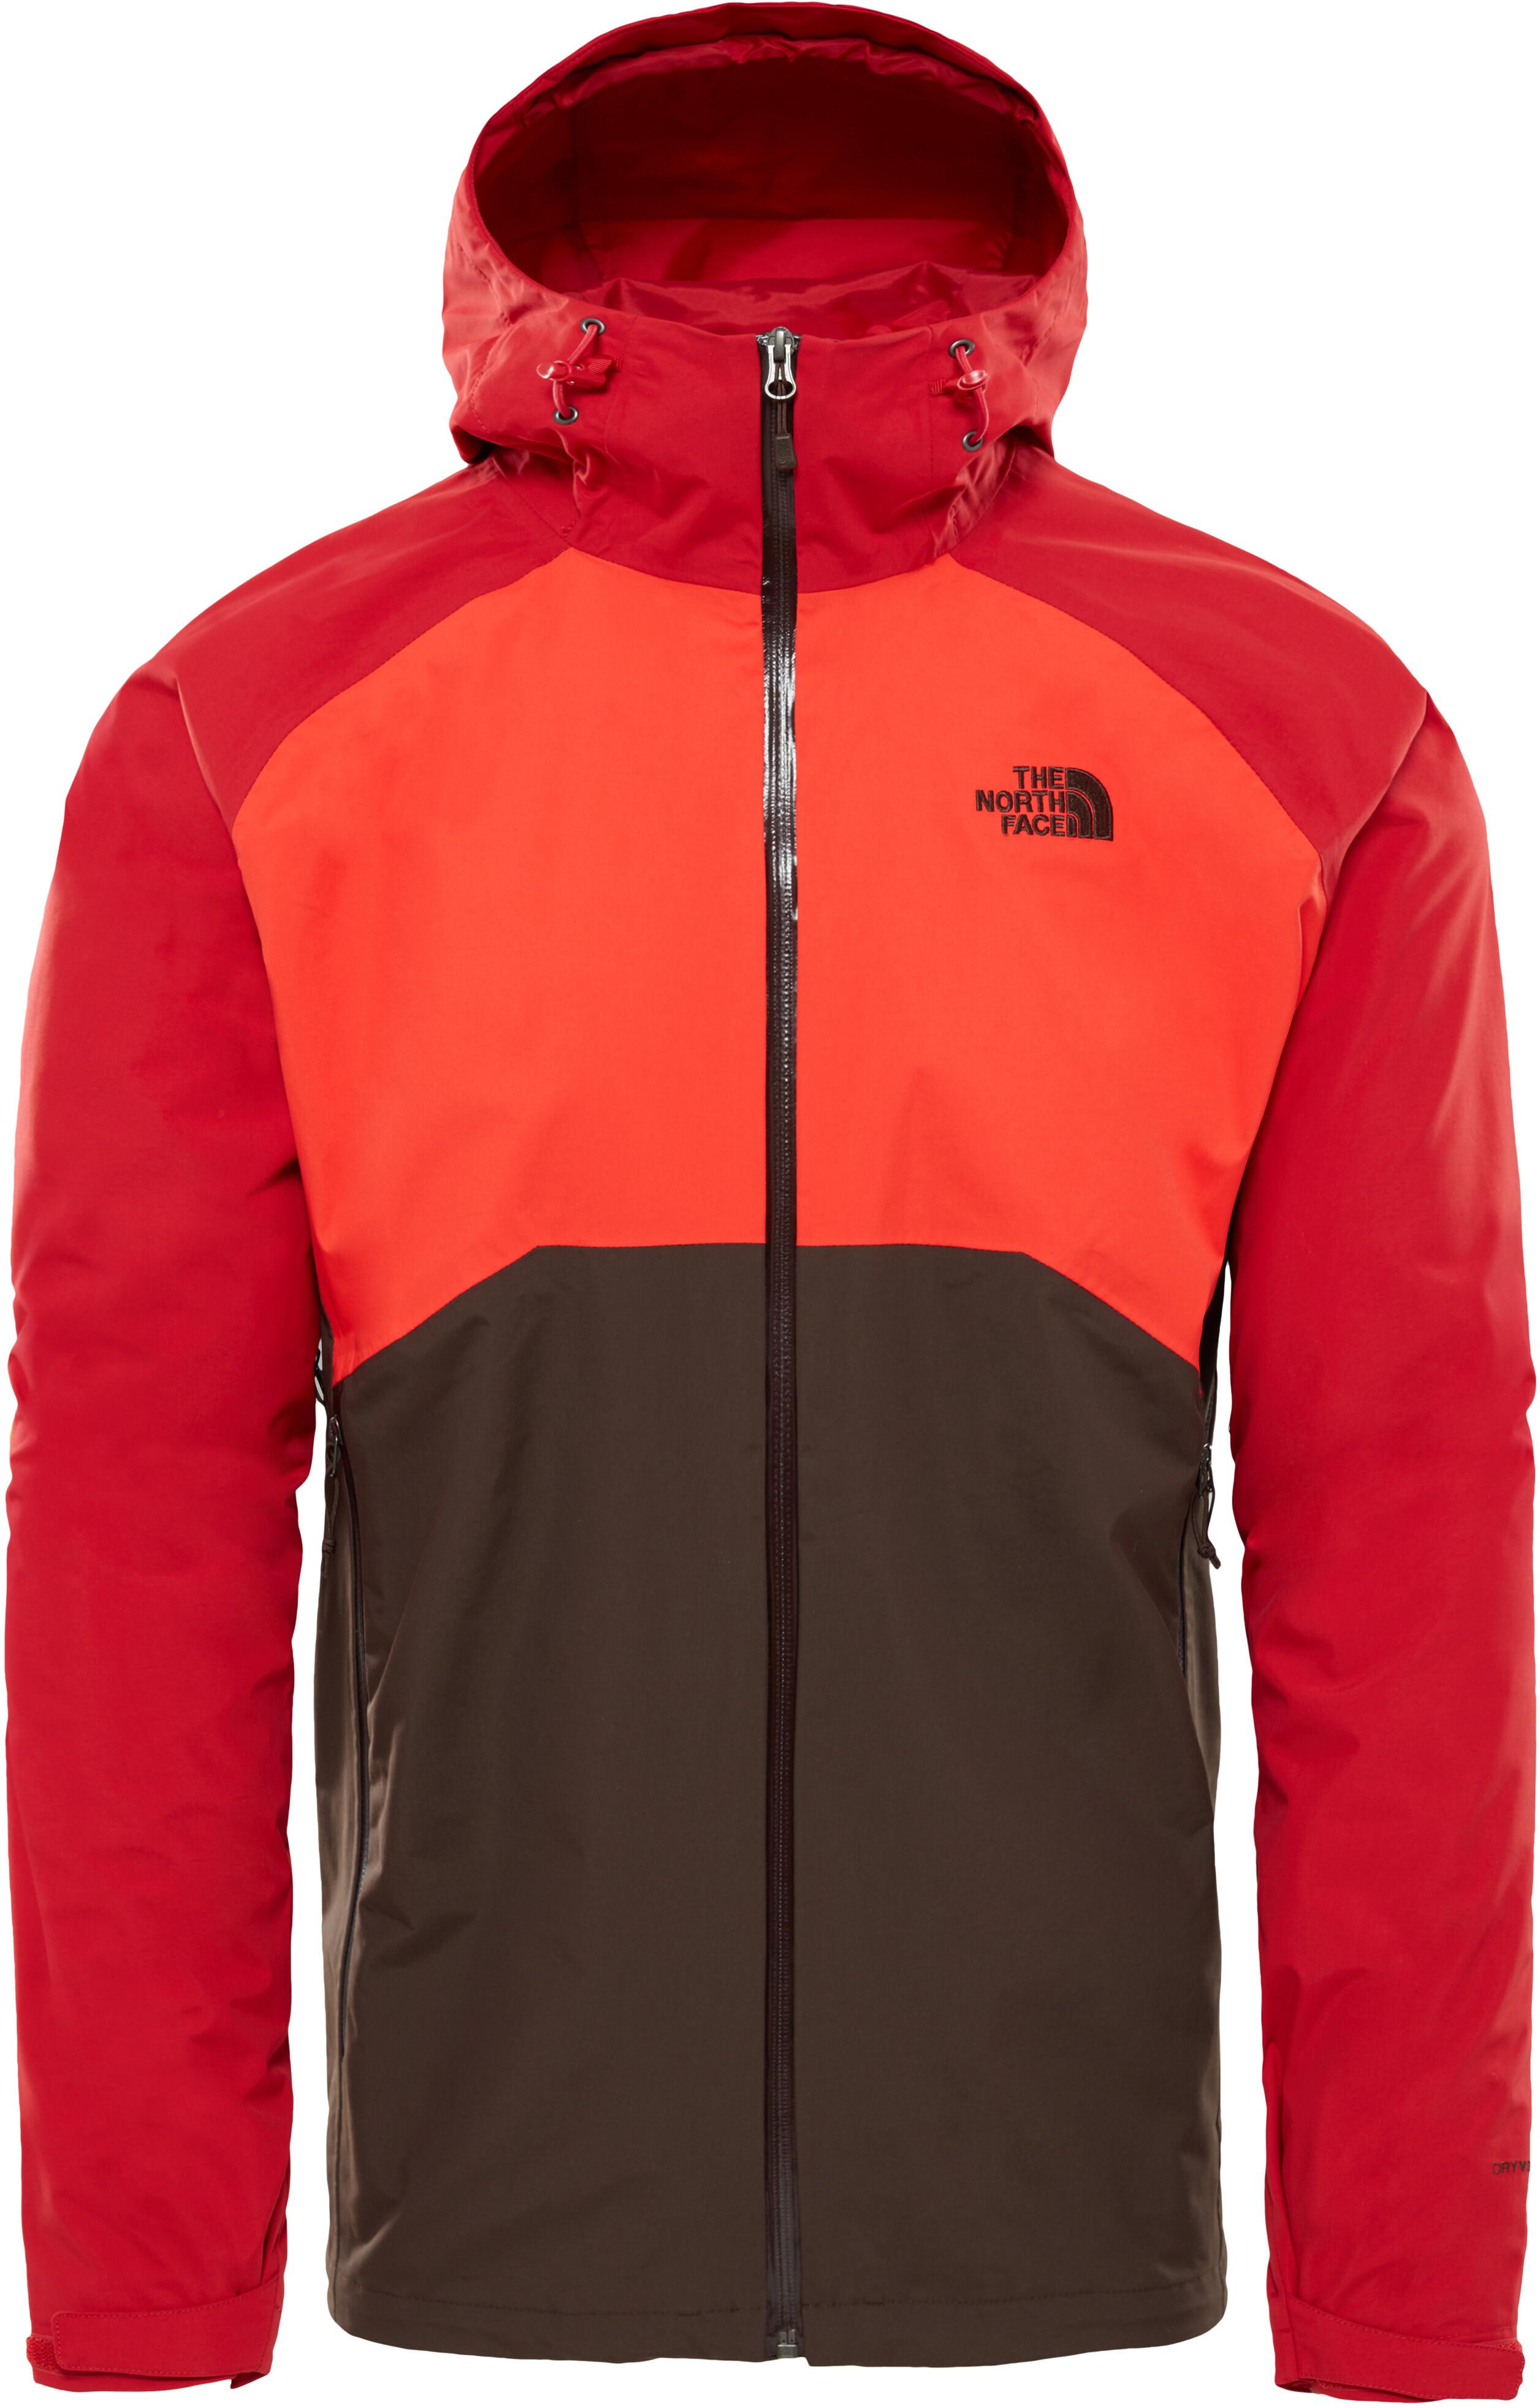 The North Face Stratos - Veste Homme - rouge noir sur CAMPZ ! 1da95aa0ad68